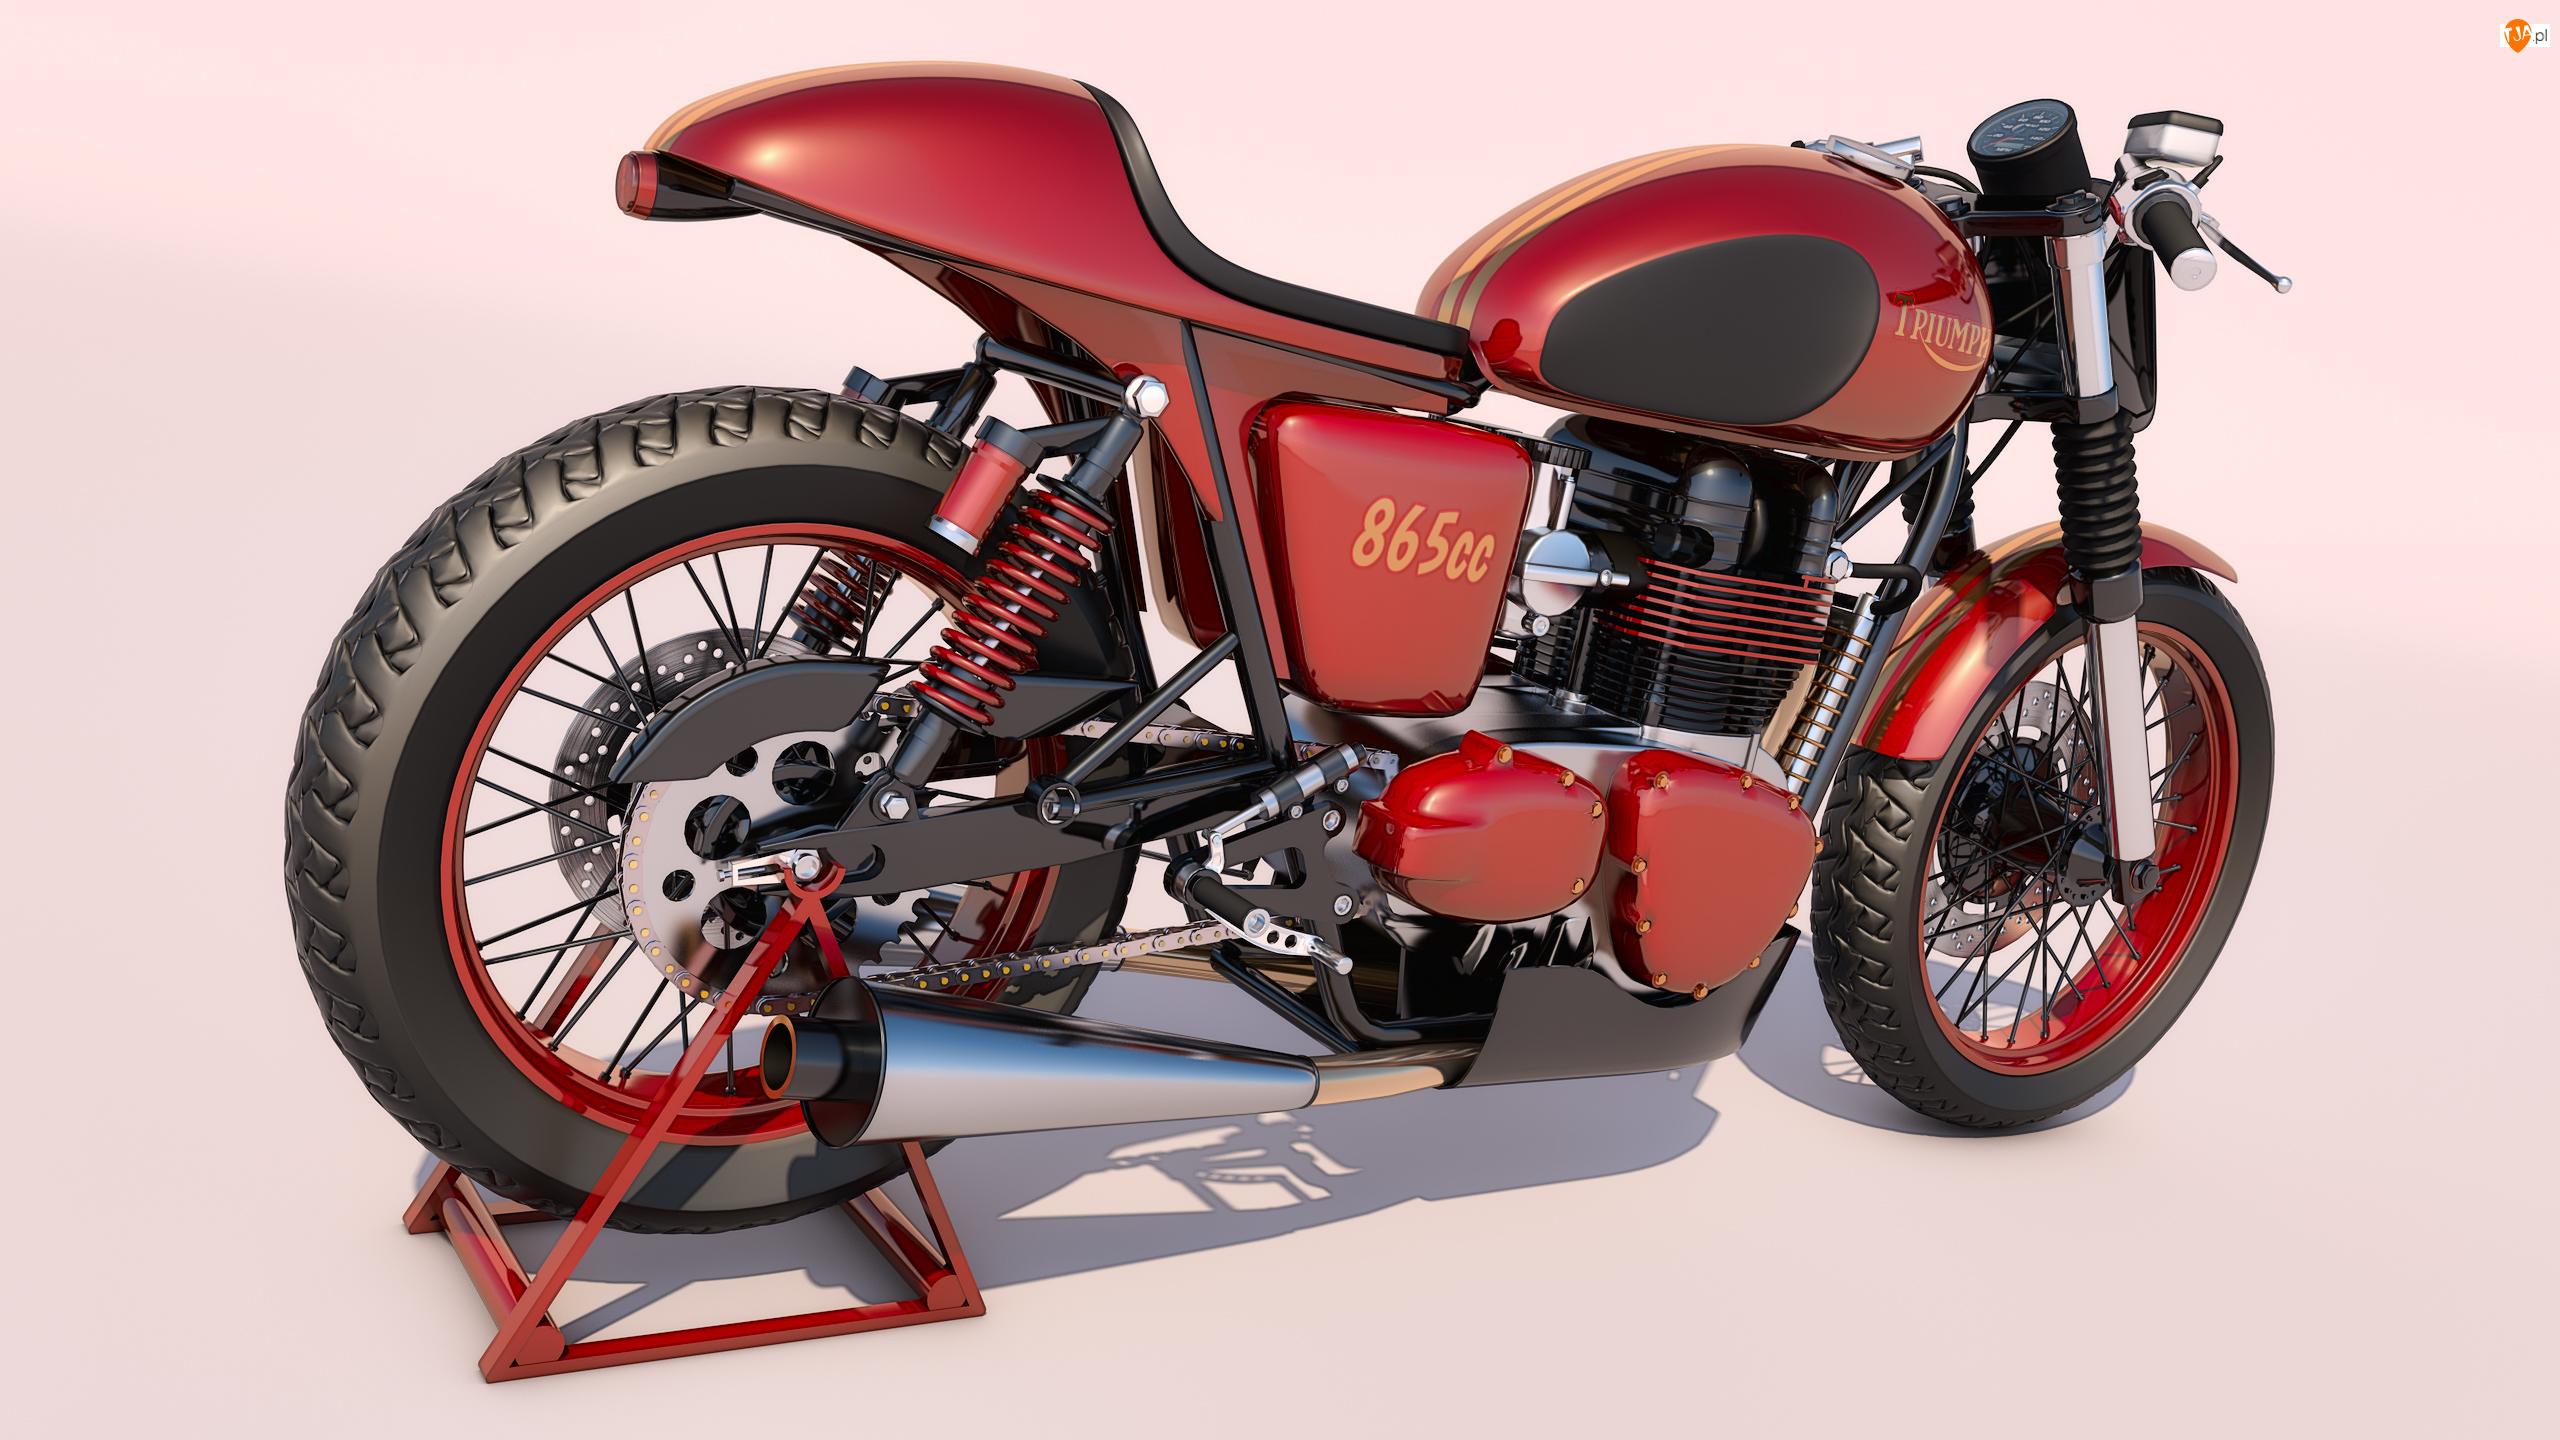 Grafika, Motocykl, Triumph Thruxton